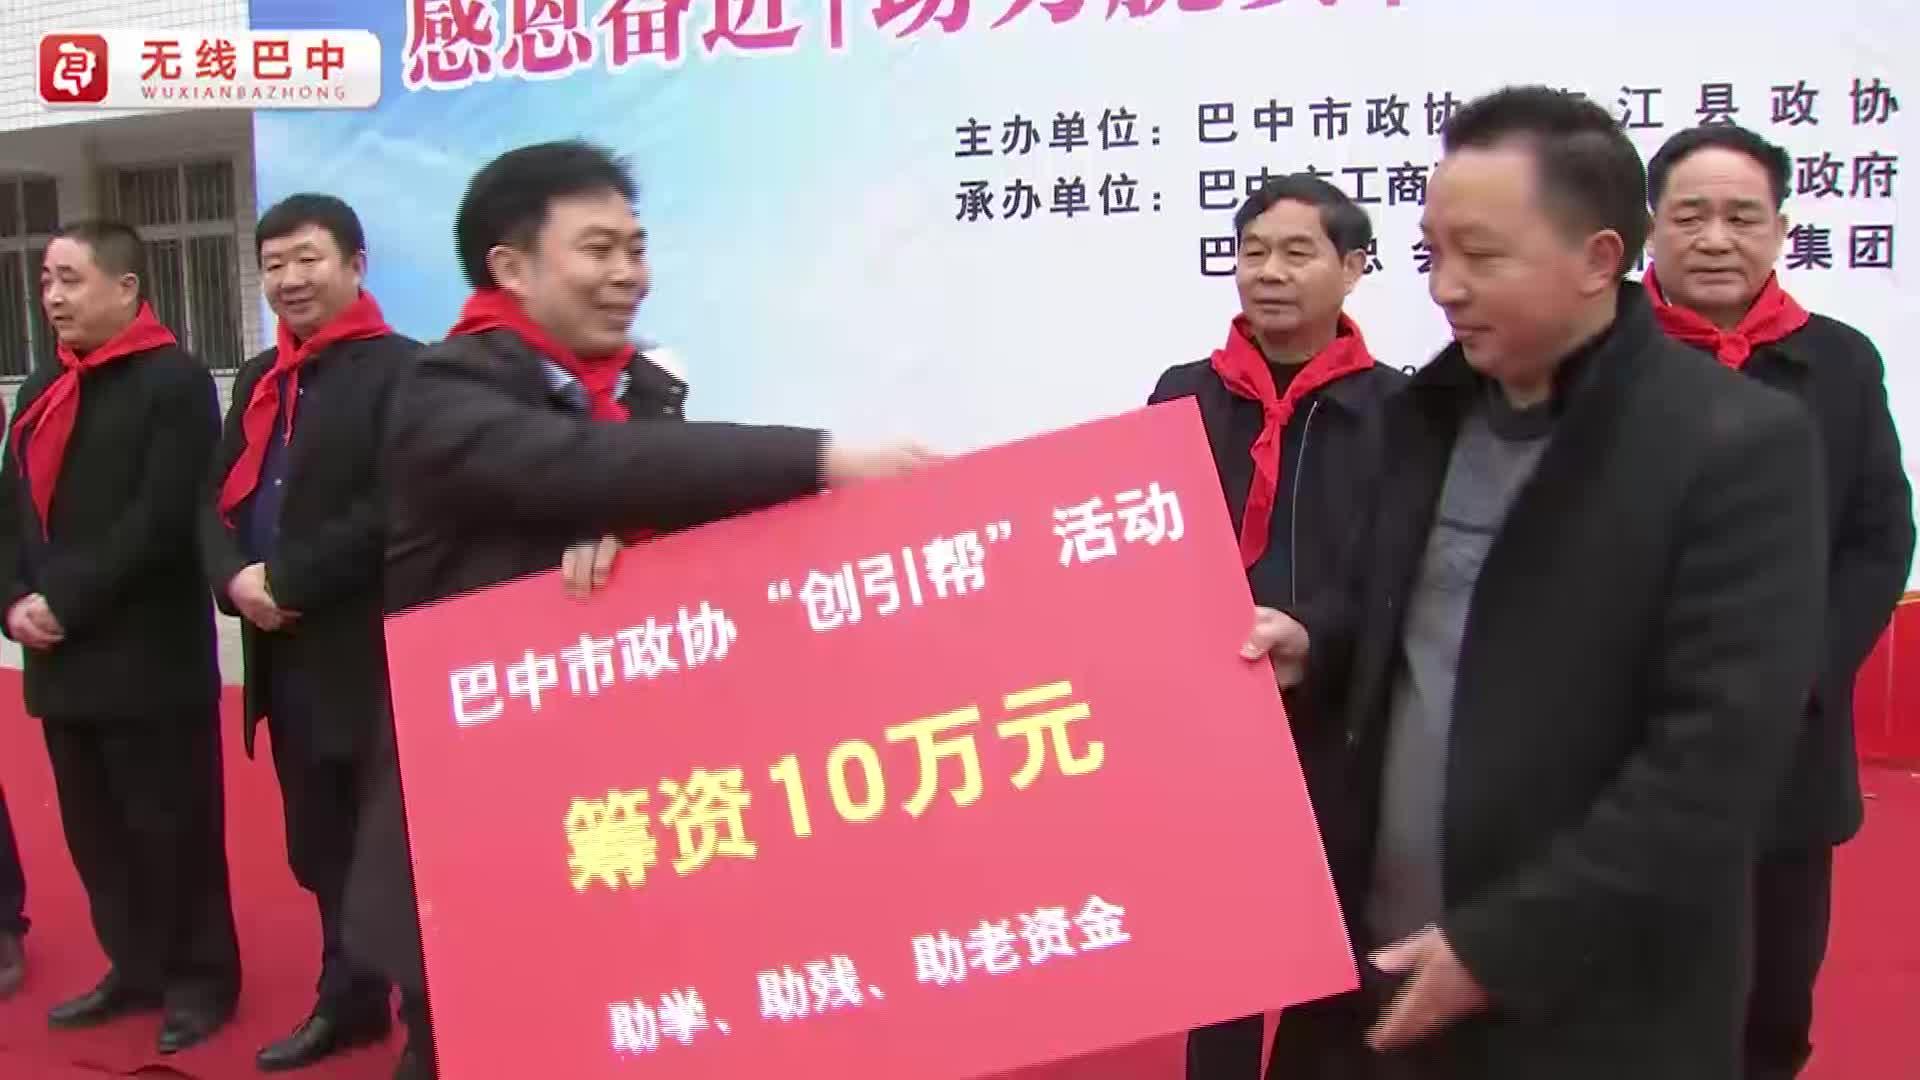 市政协赴寨坡乡开展助学助残助老活动 朱冬参加